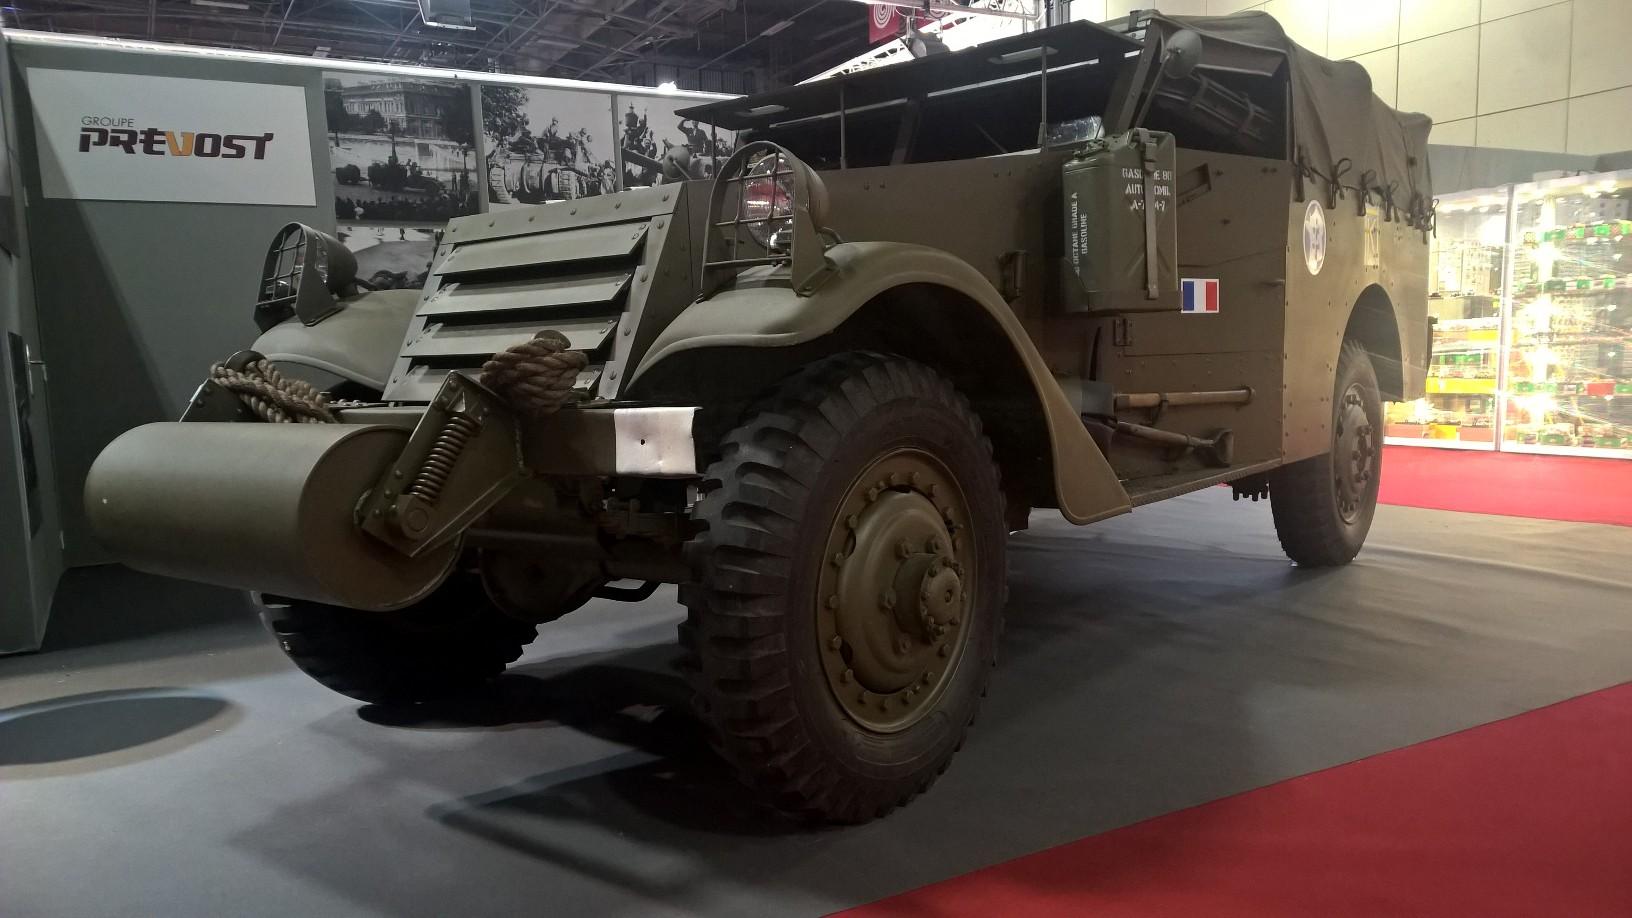 Steintøff White M3A1 Scout Car. White Motor Company stod bak produksjonen av bilene, som varte fra 1940-1944. De hadde permanent firehjulstrekk, og var ofte utrustet med en 12,7 (.50 caliber) mitraljøse, supplert av to 7,62 mm (0.30 caliber) maskingevær. Bilen ble brukt på vanlig kavaleri-måte som for eksempel rekognosering, men fra midten av 1943 gjorde bilens svakheter (dårlig framkommelighet, åpen takløsning) det til at det amerikanske forsvaret heller gikk for Ford Motor Company sin M8 (ofte kalt «Greyhound» av britene).